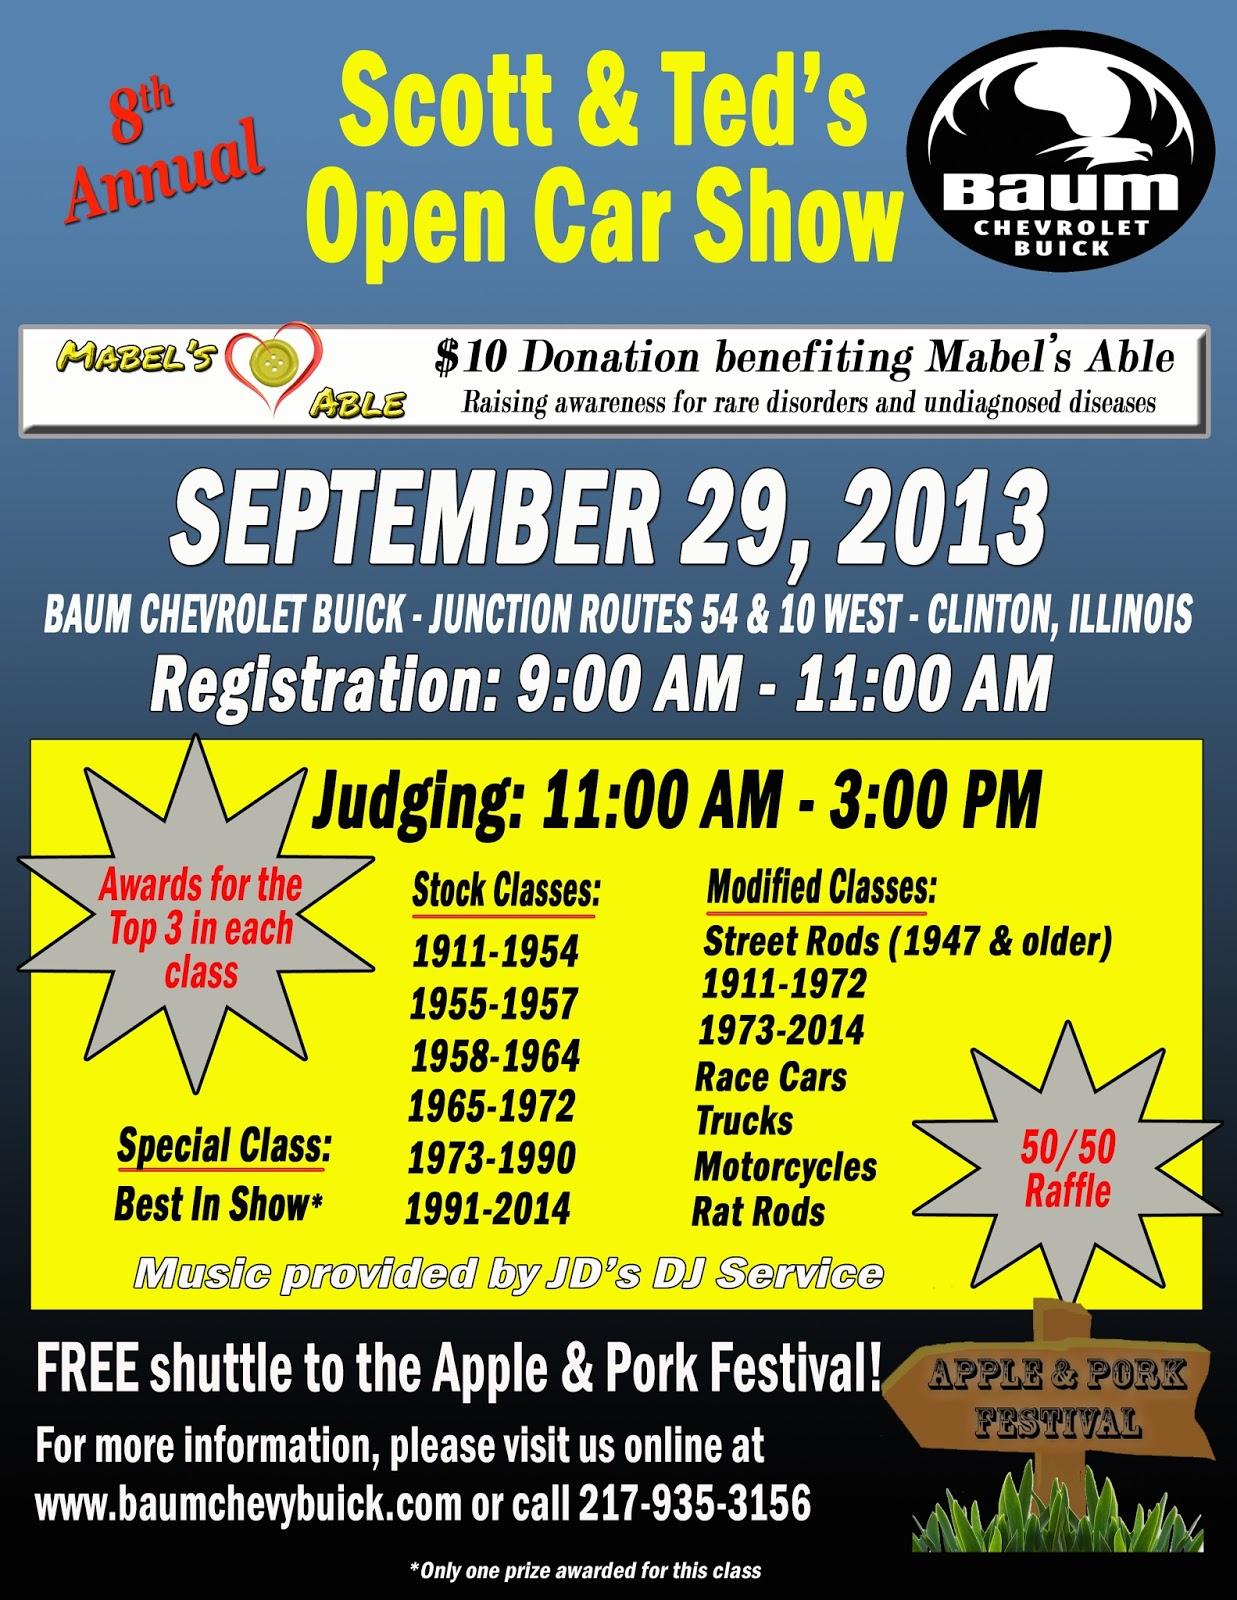 Baum Chevrolet Buick - Baum chevrolet clinton il car show